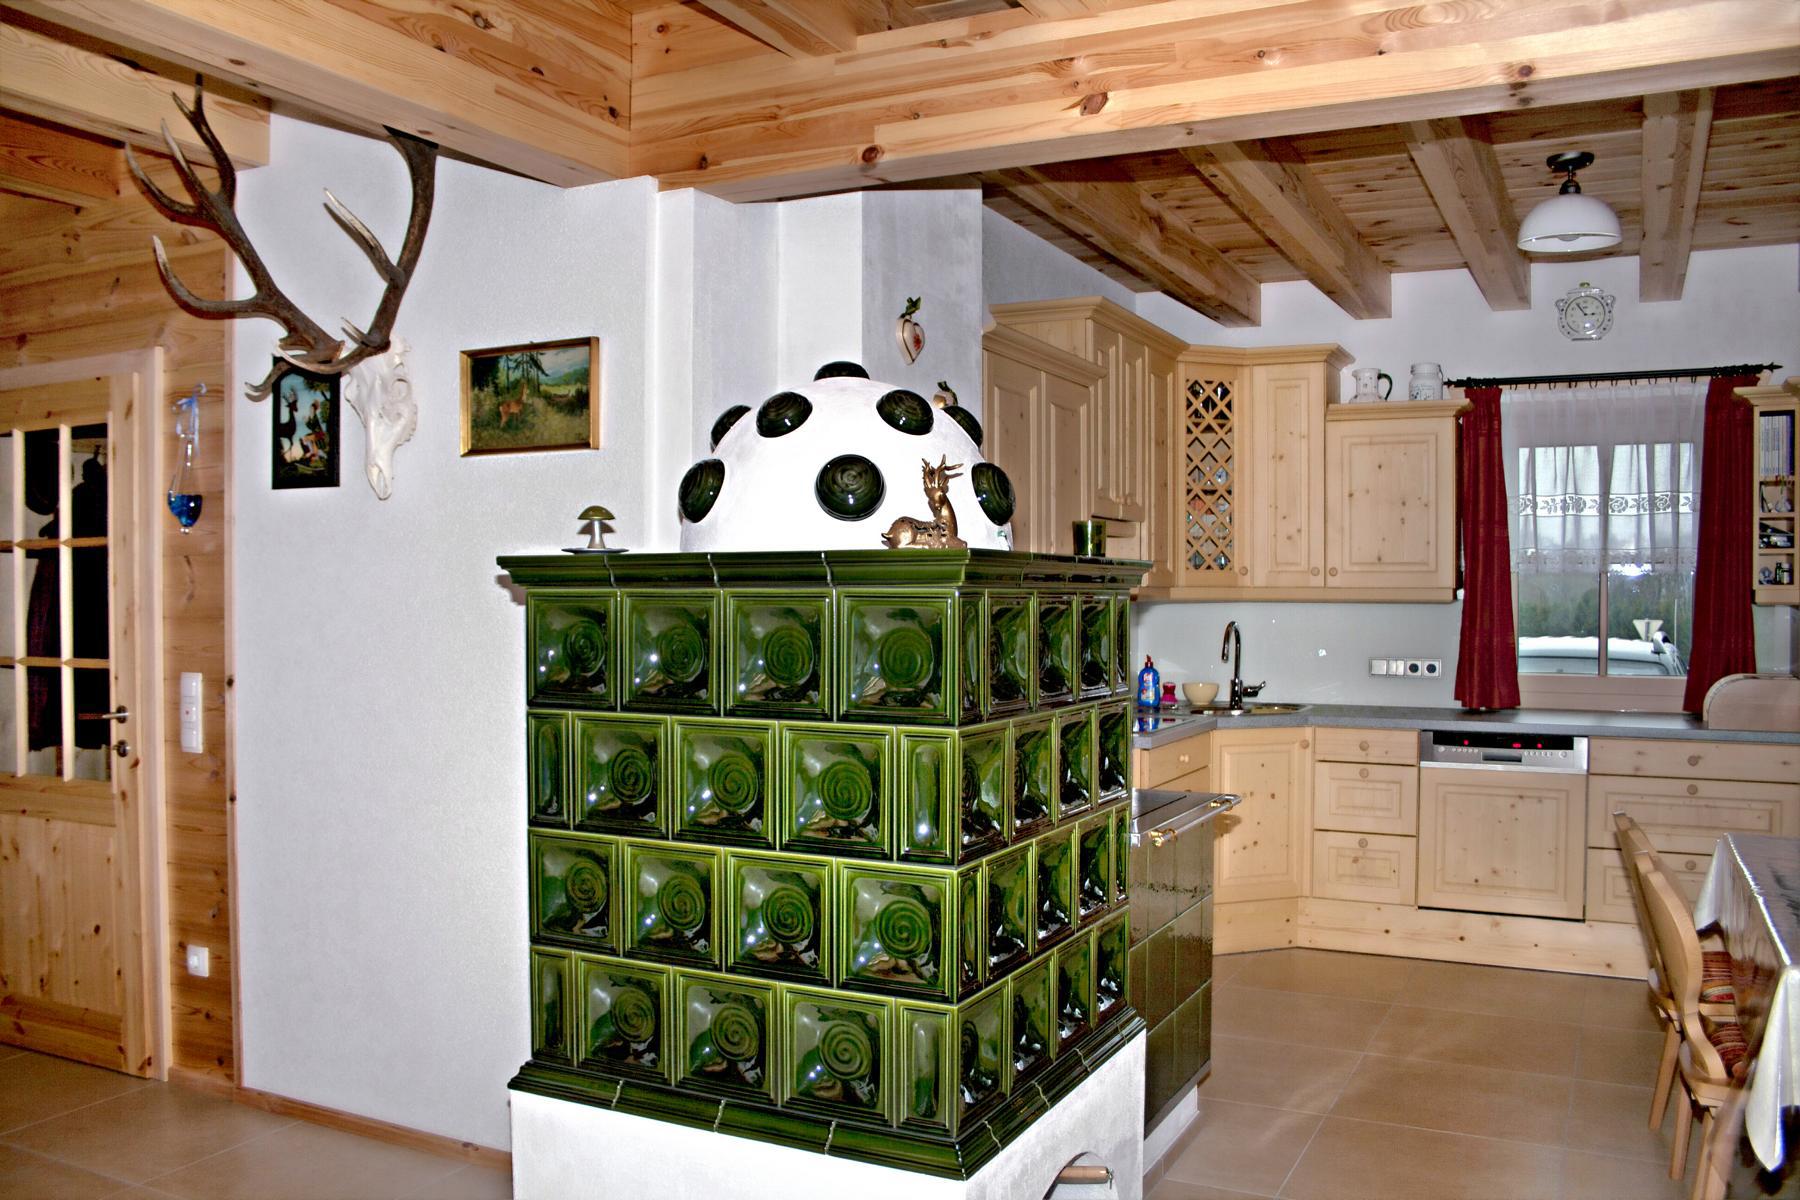 nach dem besuch diverser messen war klar dass wir ein scandi haus bauen scandinavian bloghaus. Black Bedroom Furniture Sets. Home Design Ideas